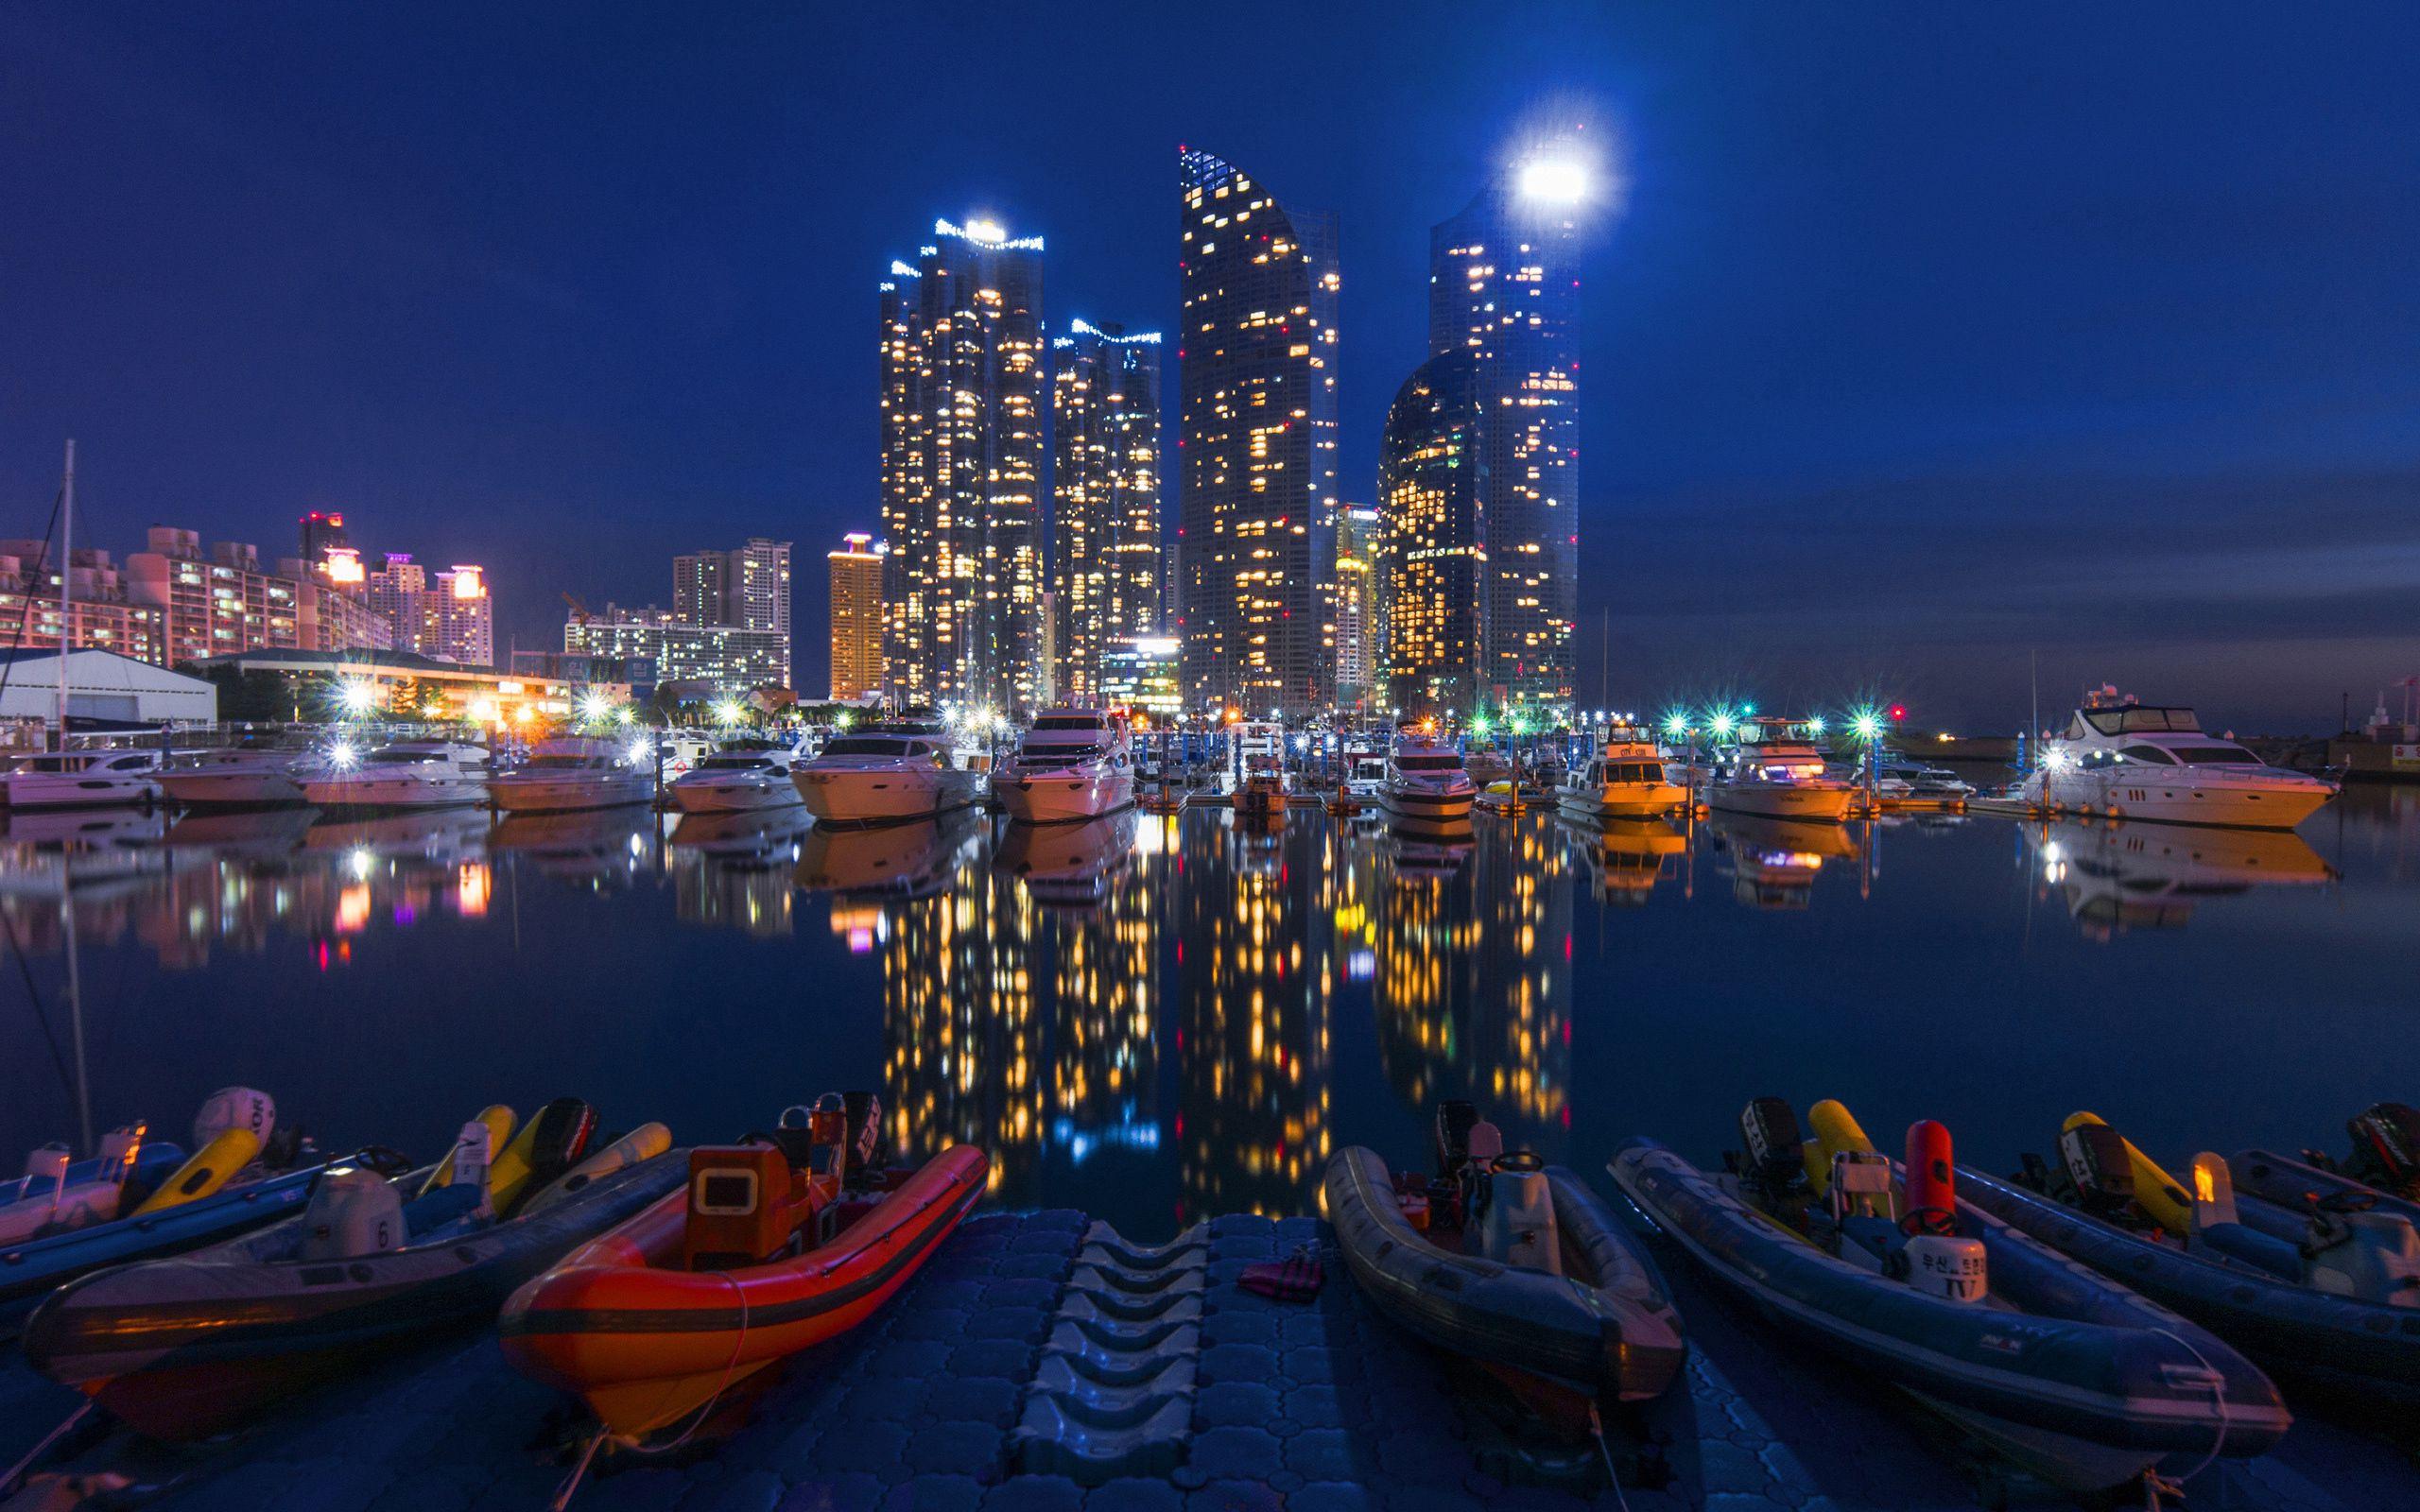 125515 Заставки и Обои Лодки на телефон. Скачать Ночной Город, Здания, Ночь, Небо, Лодки, Города картинки бесплатно